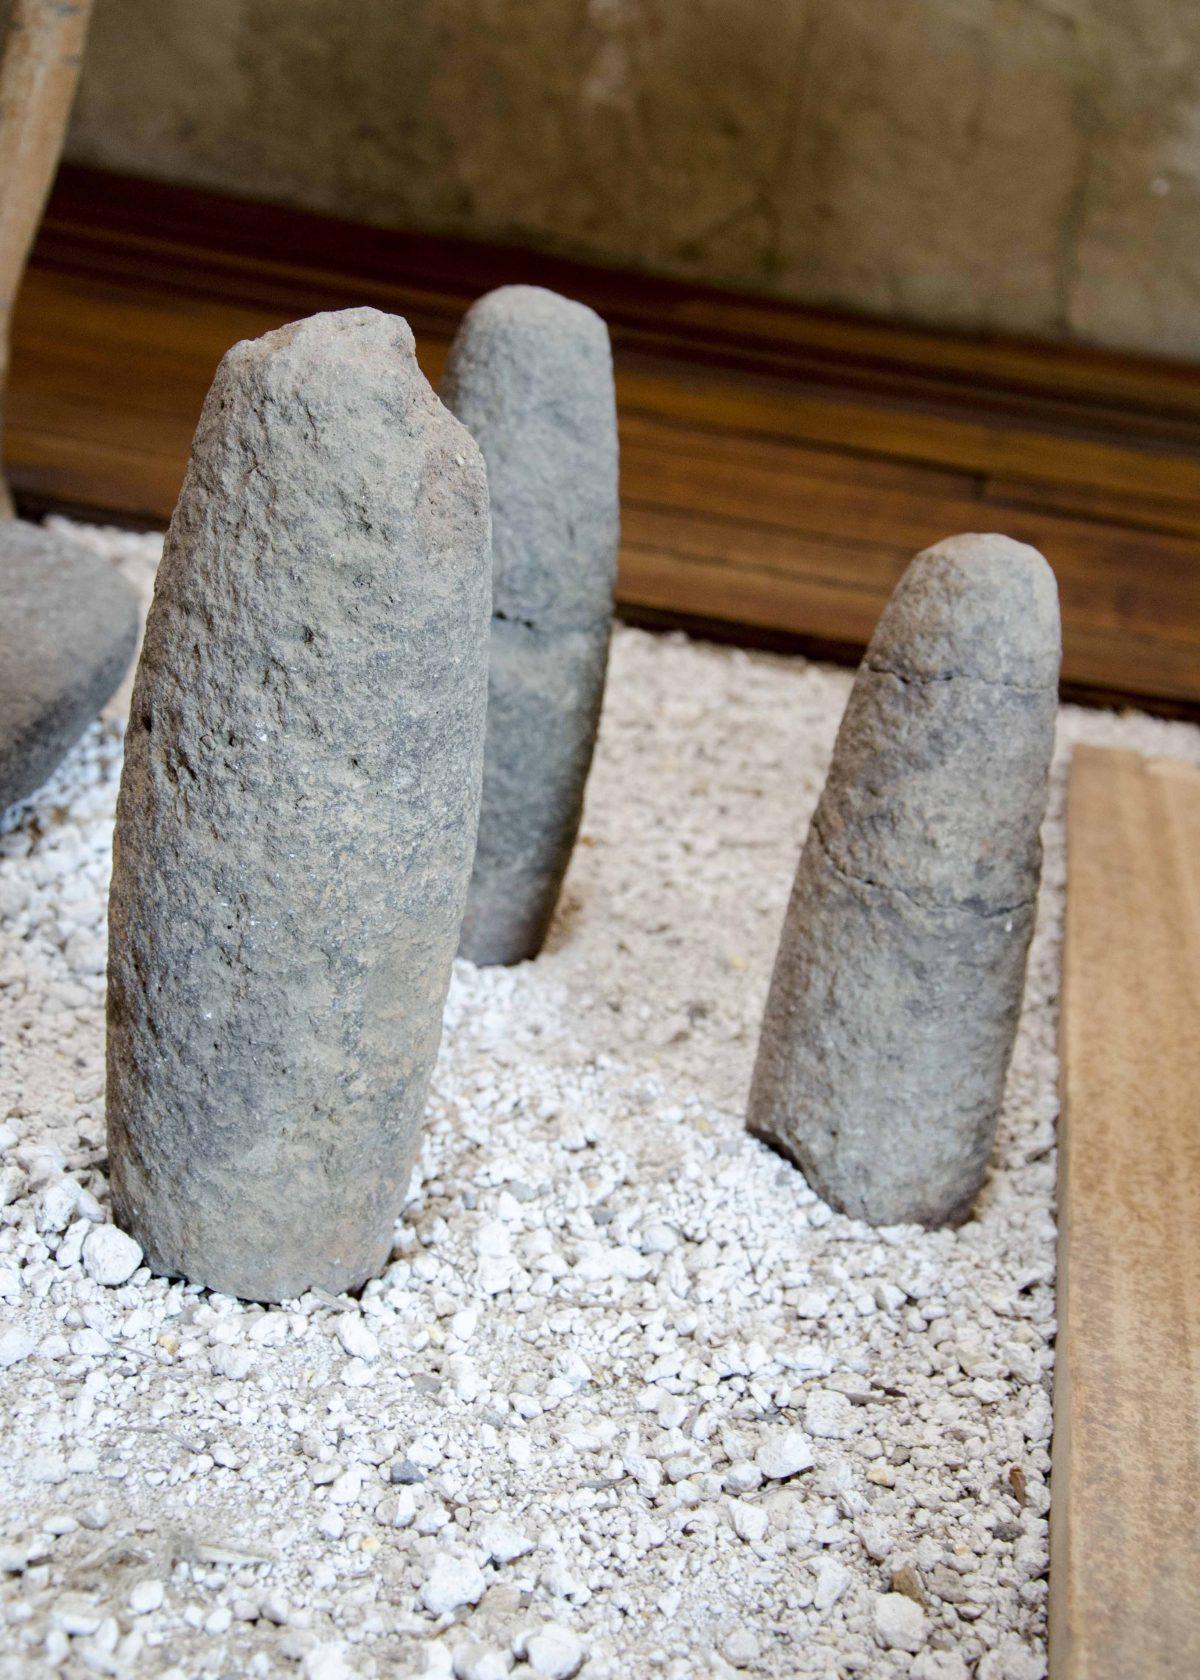 Original Stones from Lunar or Solar Calendar, Cochasquí, Ecuador | ©Angela Drake / Not Your Average American